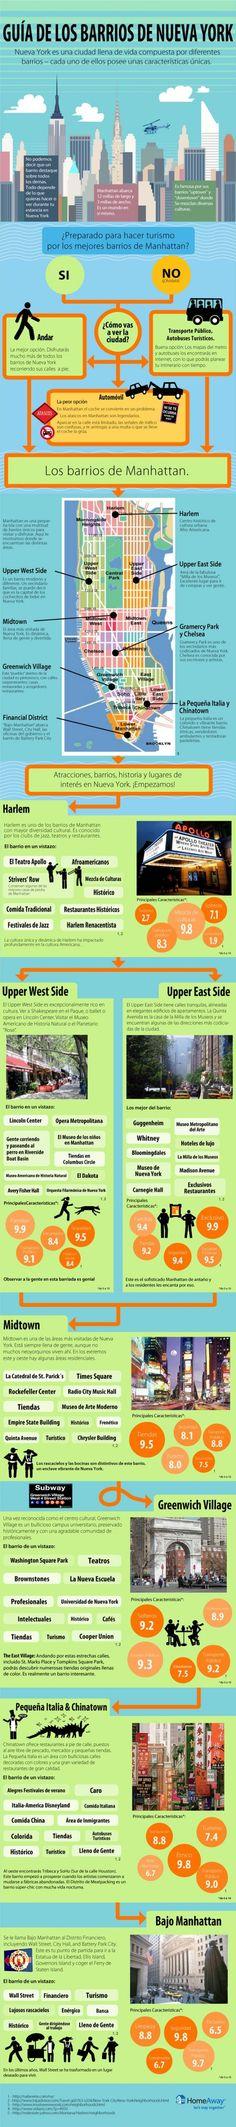 Guia de los barrios de Nueva York, #USA - #Infografia #Viajology